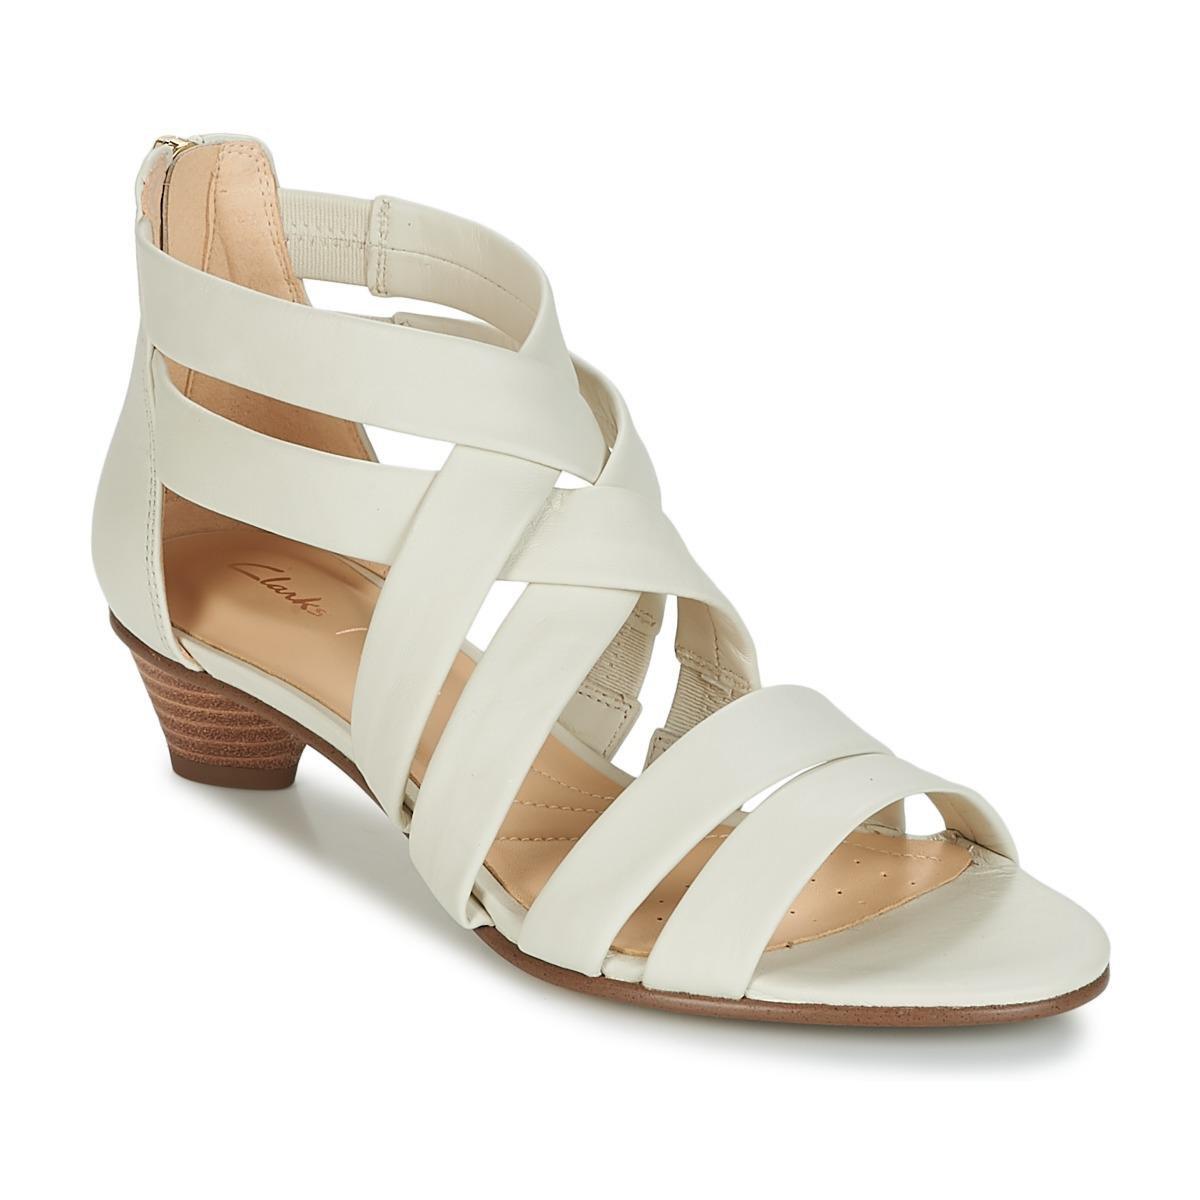 bc113b632dd Clarks Mena Silk Sandals in White - Lyst